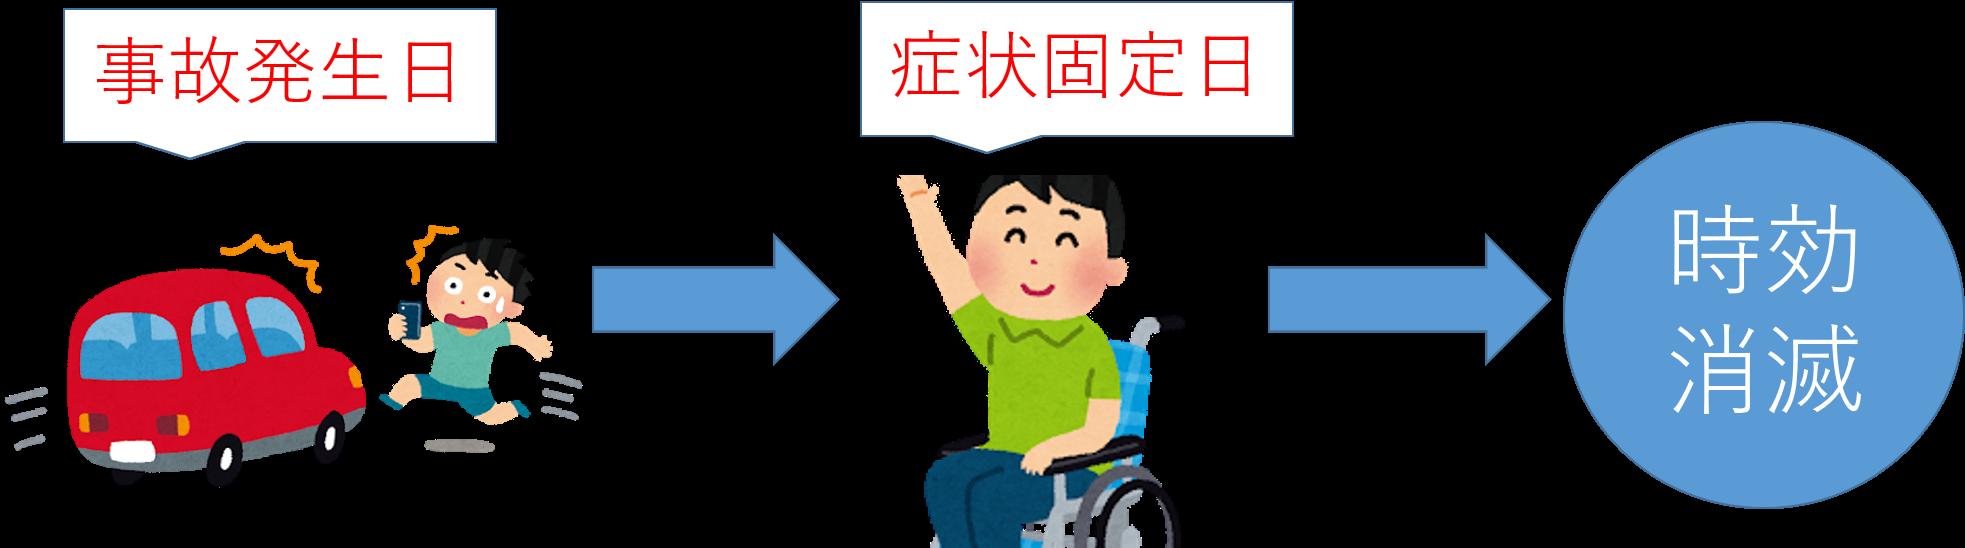 人身事故(後遺障害あり)における損害賠償権の時効